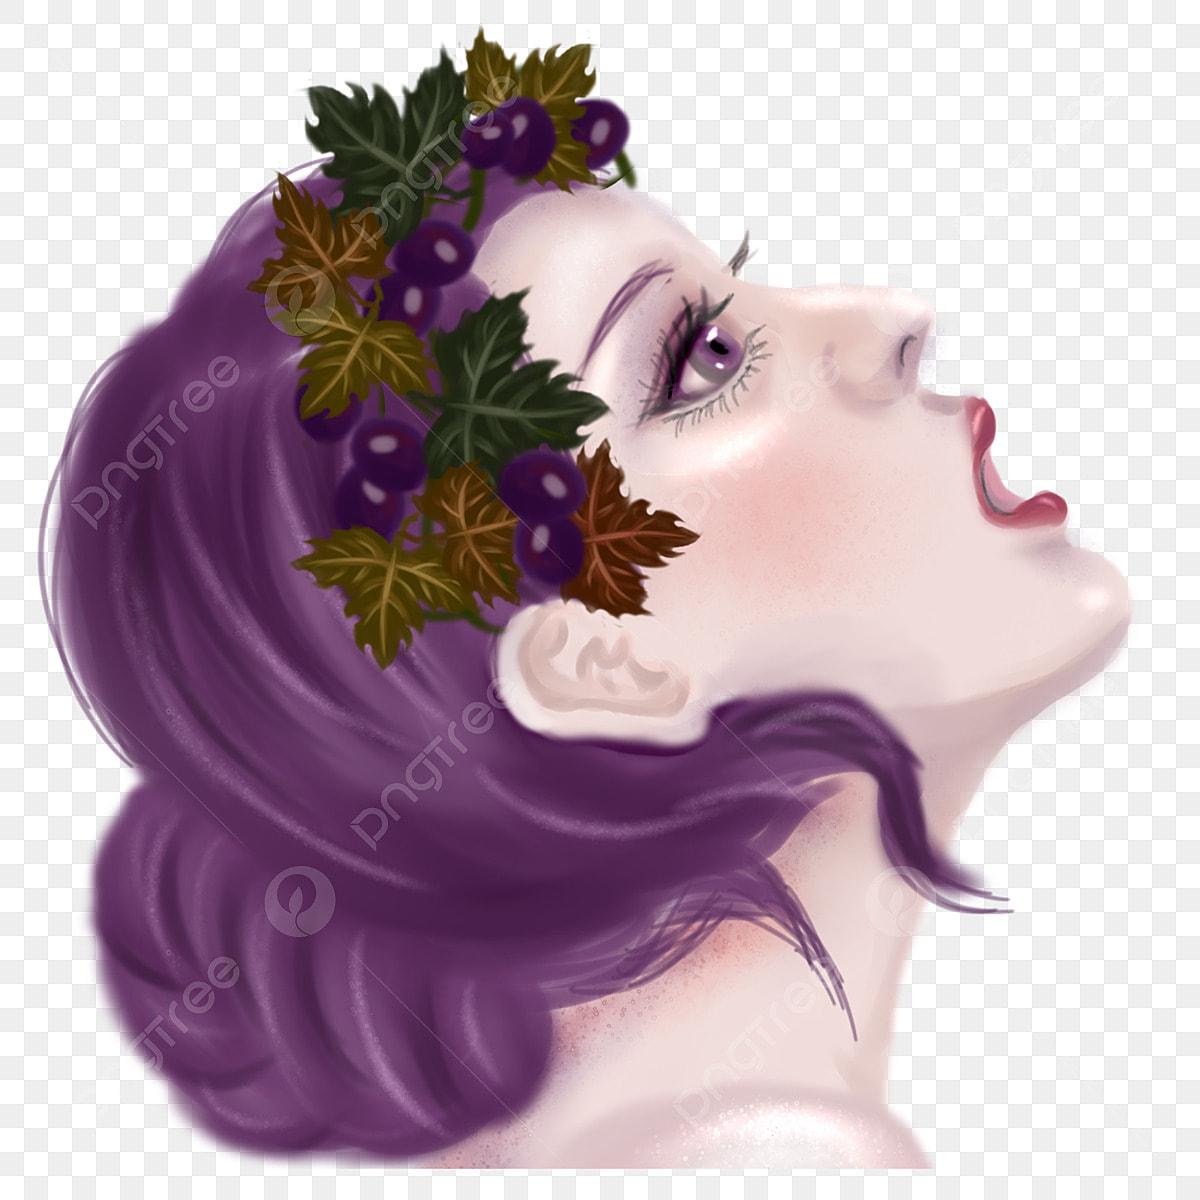 Kartun Kecantikan Gambar Percuma Wanita Cantik Memakai Bunga